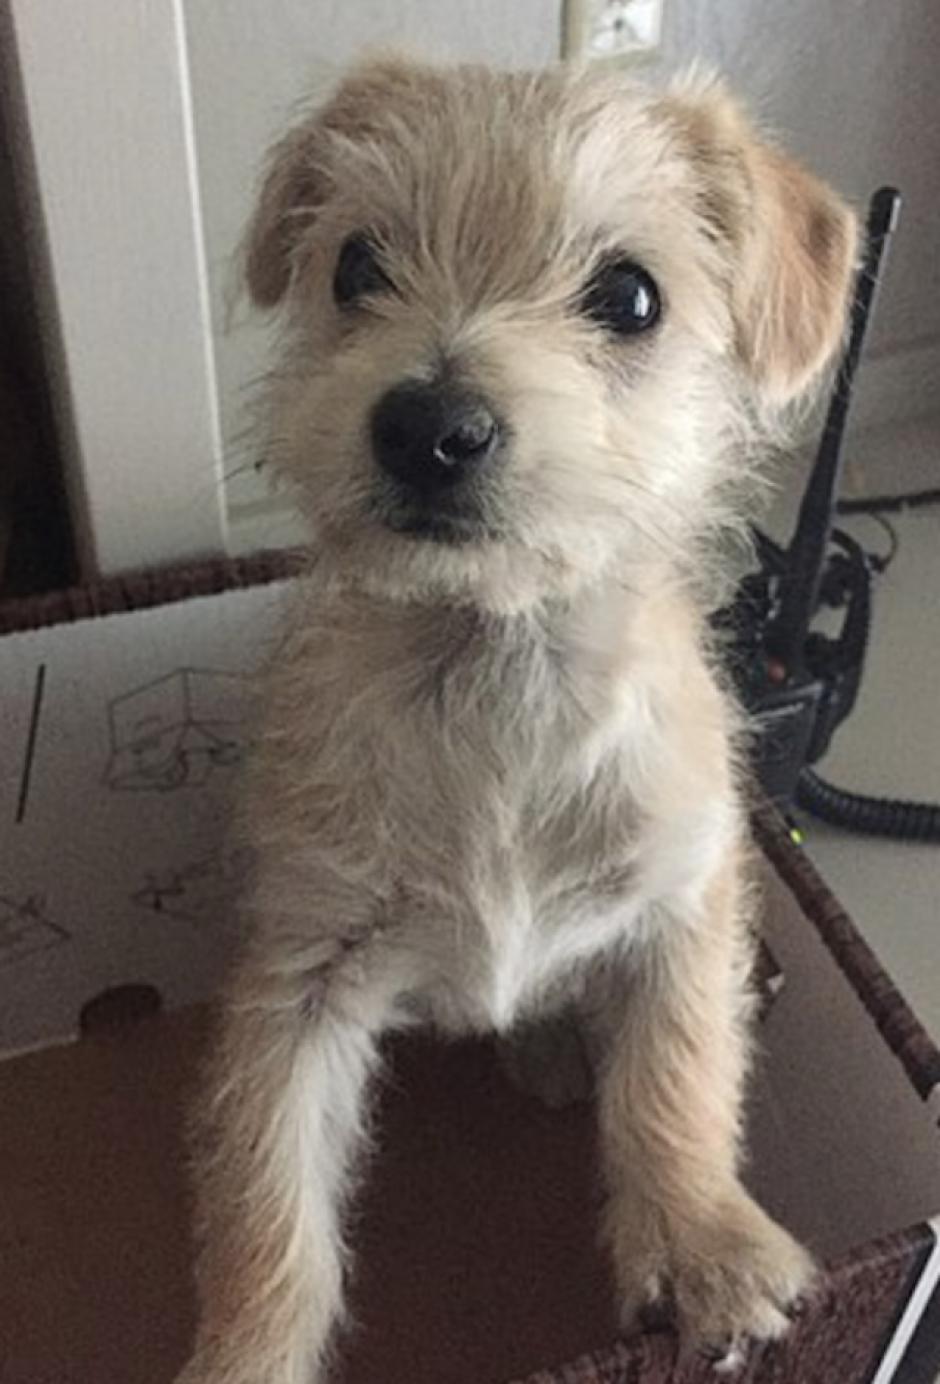 El perrito fue lanzado de un camión. (Foto: Mail Online)